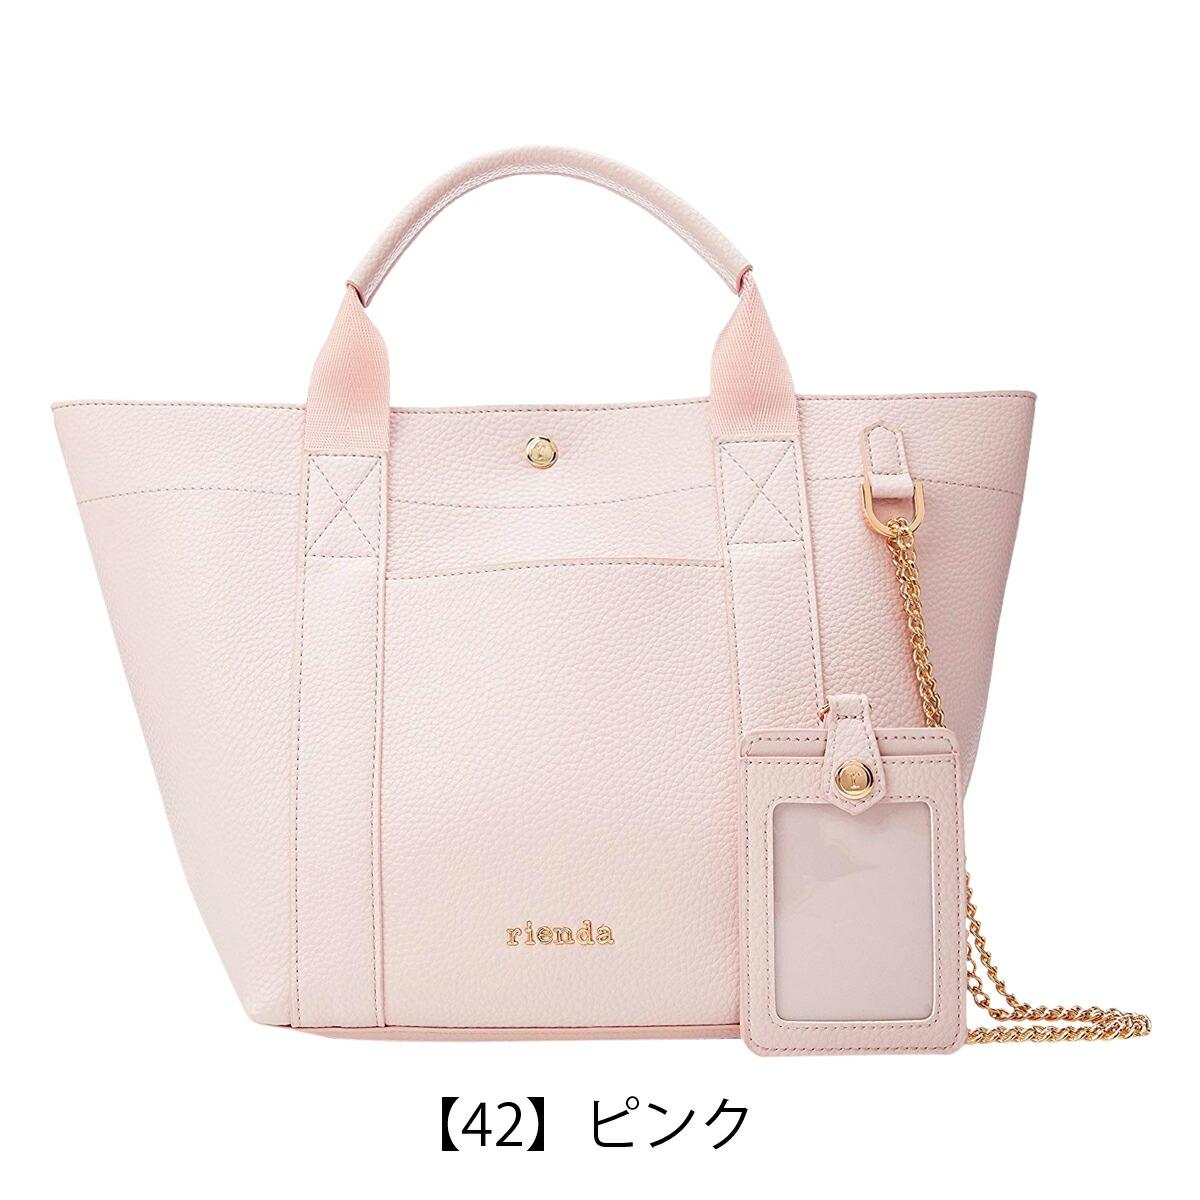 【42】ピンク